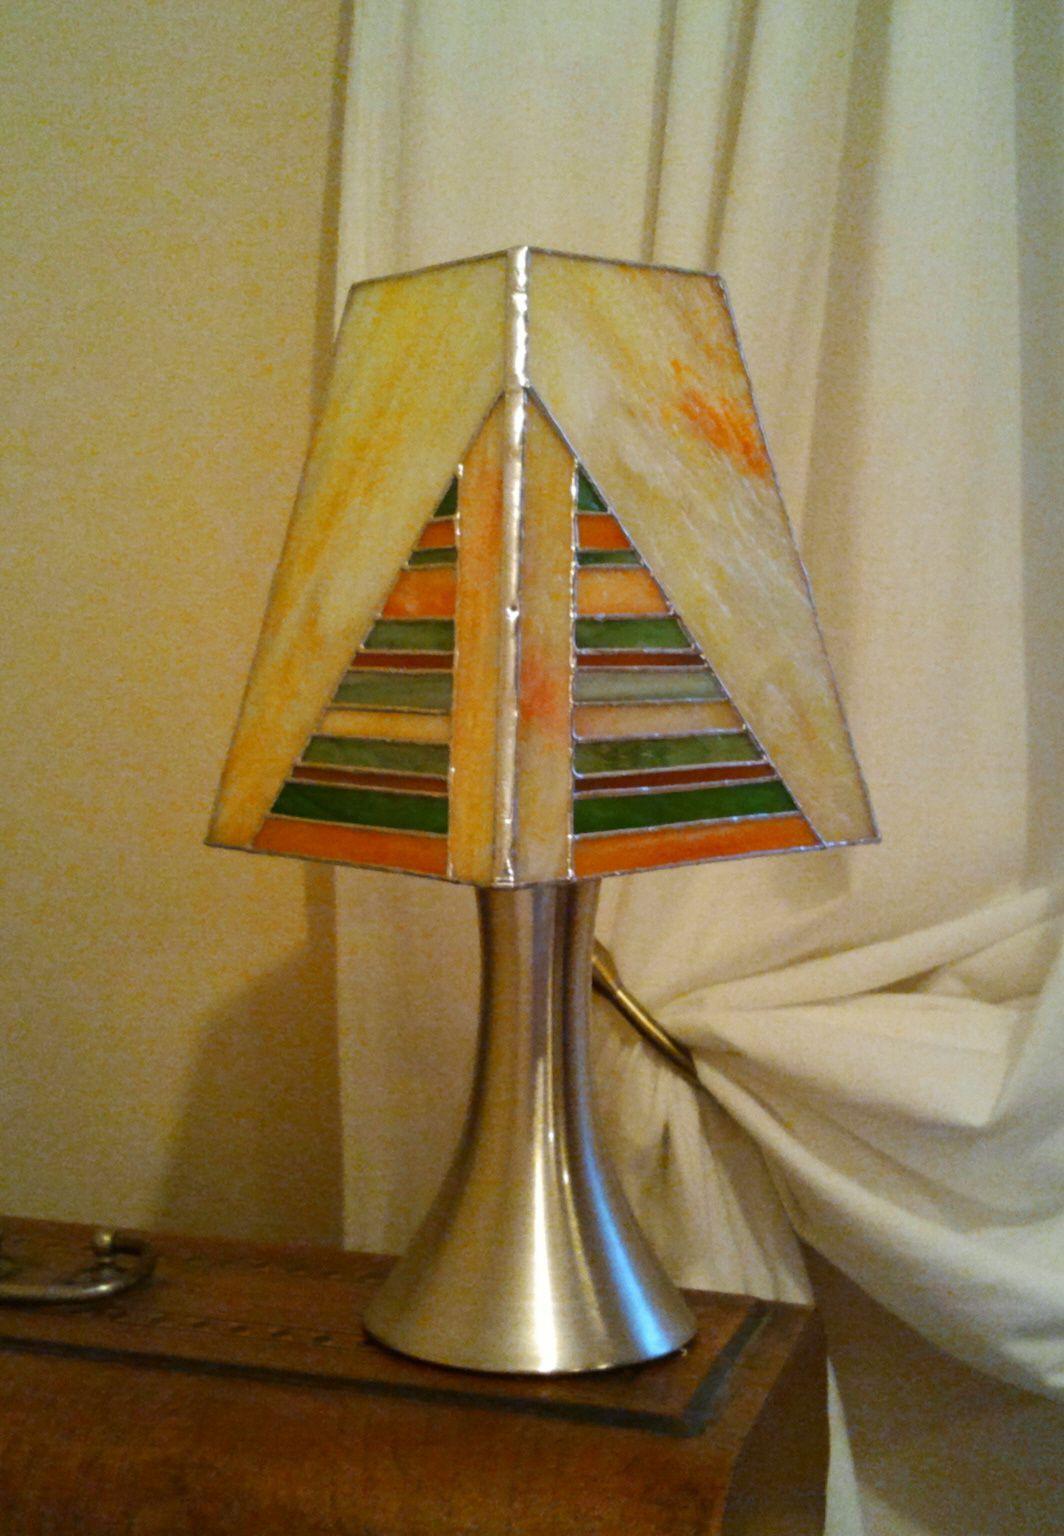 Ces lampes se situent dans une fourchette de prix allant de 100 à 450€